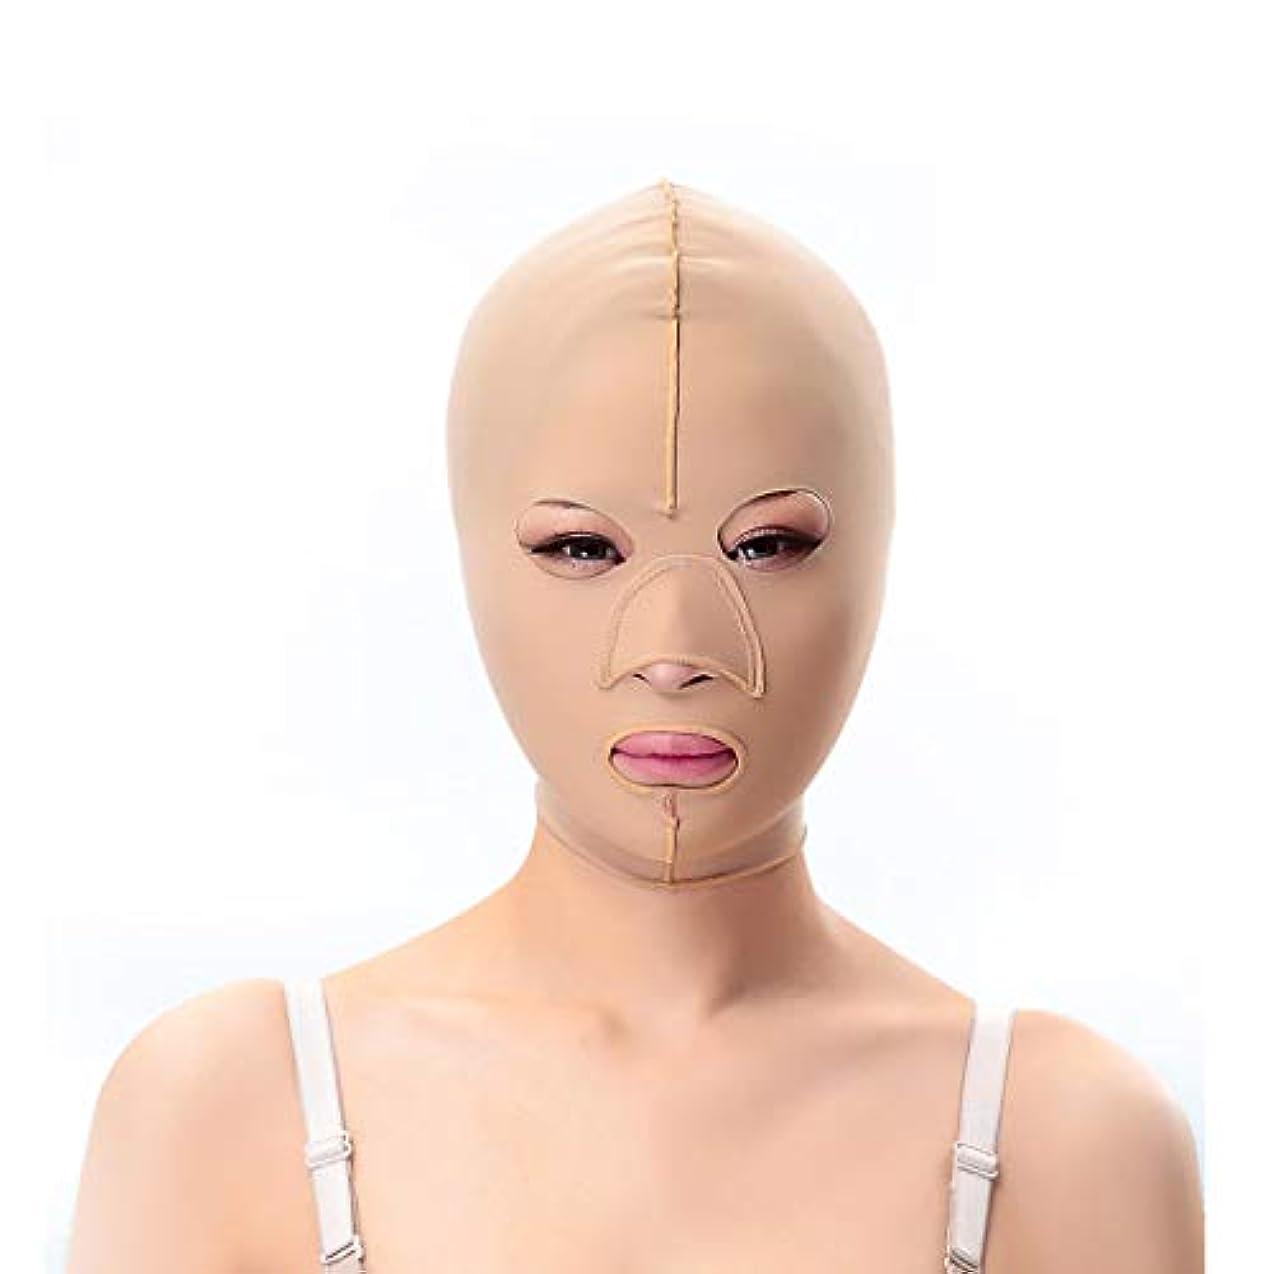 気取らないローンコールド痩身ベルト、フェイシャルマスク薄いフェイスマスクを脇に持ち上げる二重あご引き締め顔面プラスチックフェイスアーティファクト強力なフェイス包帯 (Size : S)